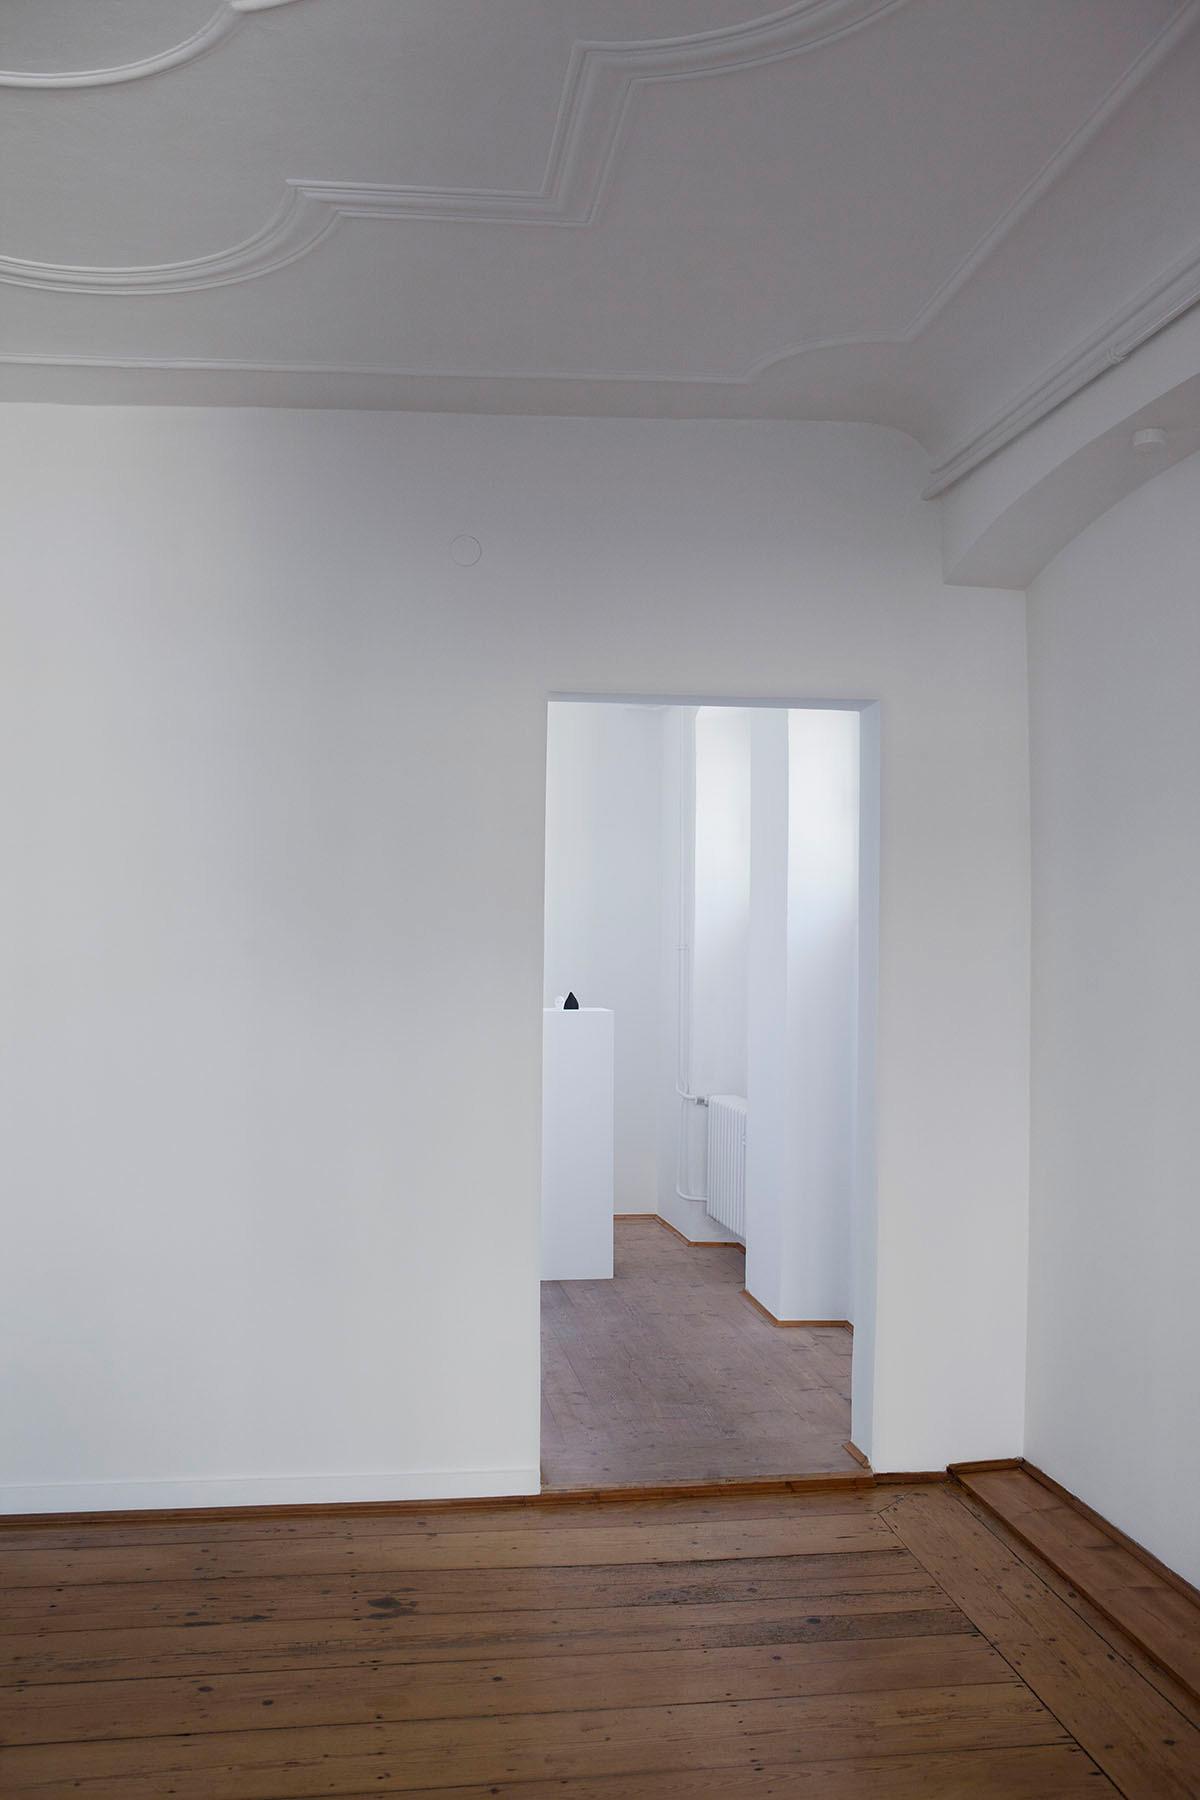 Galerie-Rosemarie-Jaeger-Impressionen-07